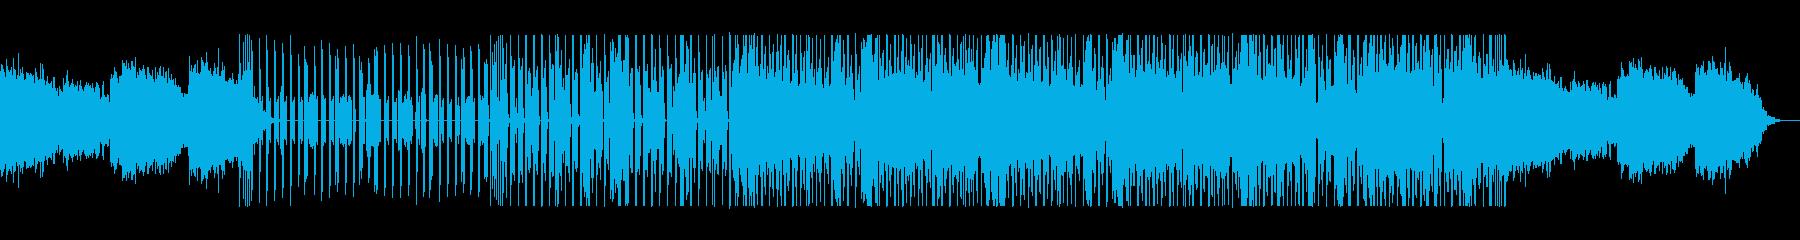 ダークで独創的なイージーリスニングの再生済みの波形